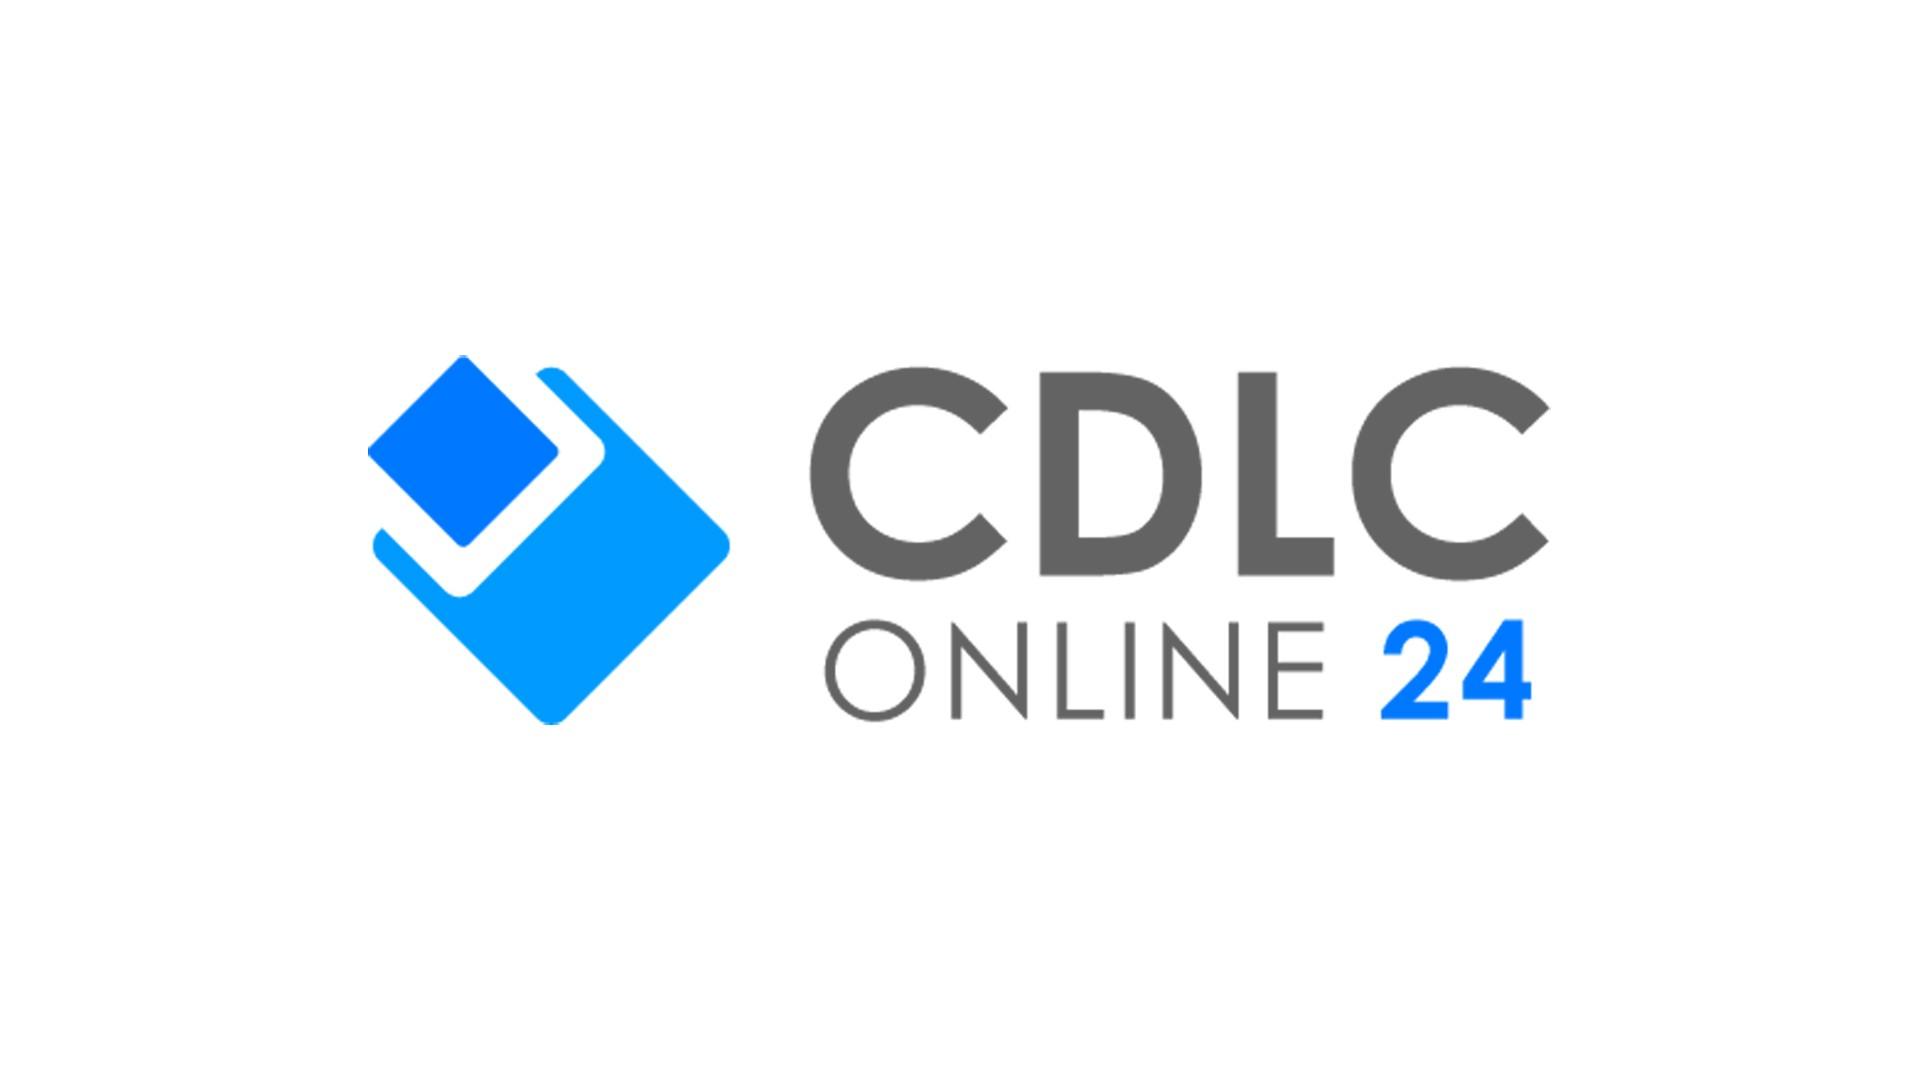 Обзор CDLCONLINE24 (cdlconline24) – Регистрация. Ввод и вывод средств. Отзывы